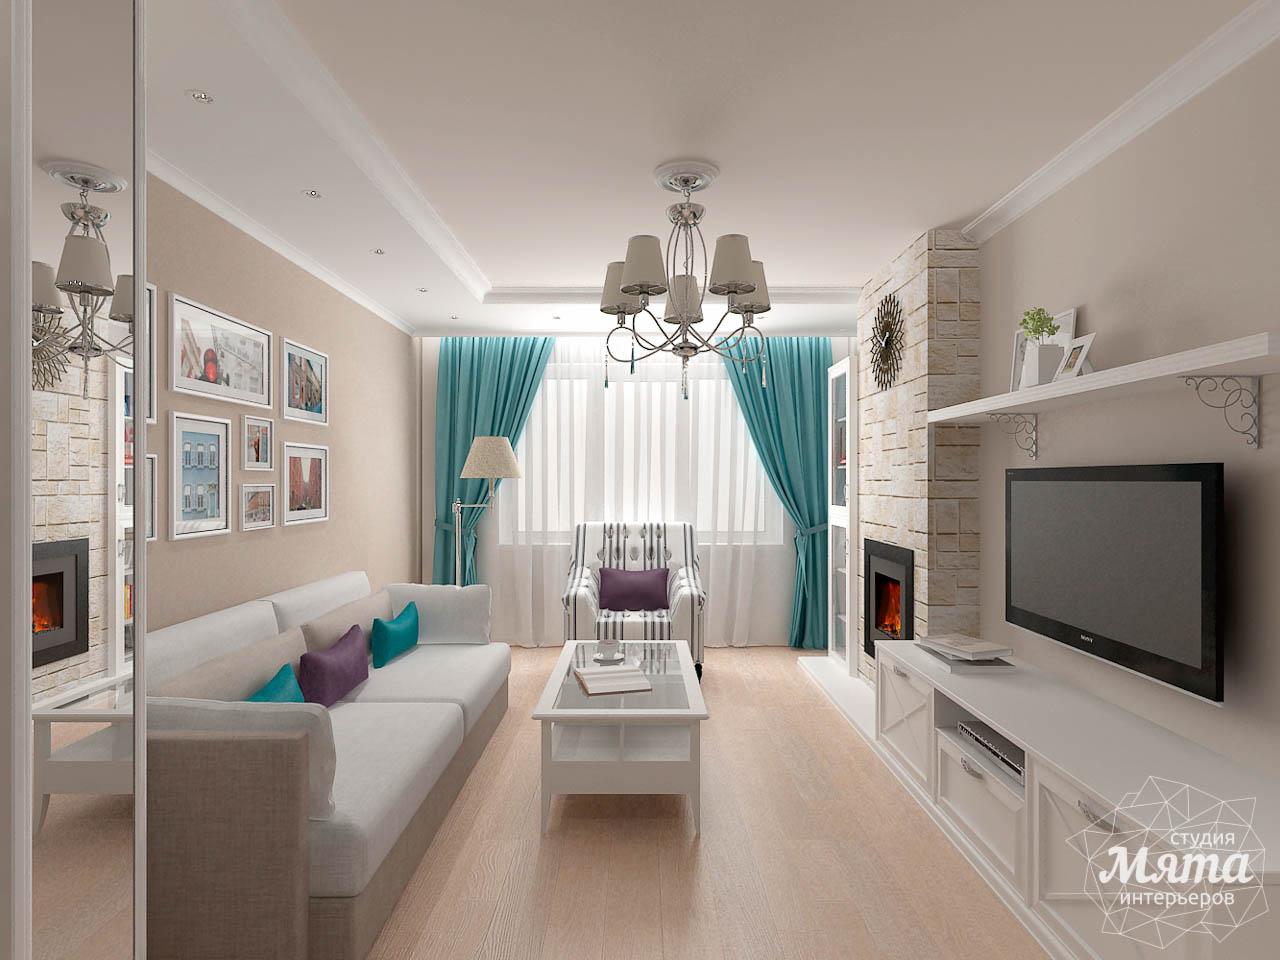 Дизайн интерьера двухкомнатной квартиры по ул. Шаумяна 93 img1798370106